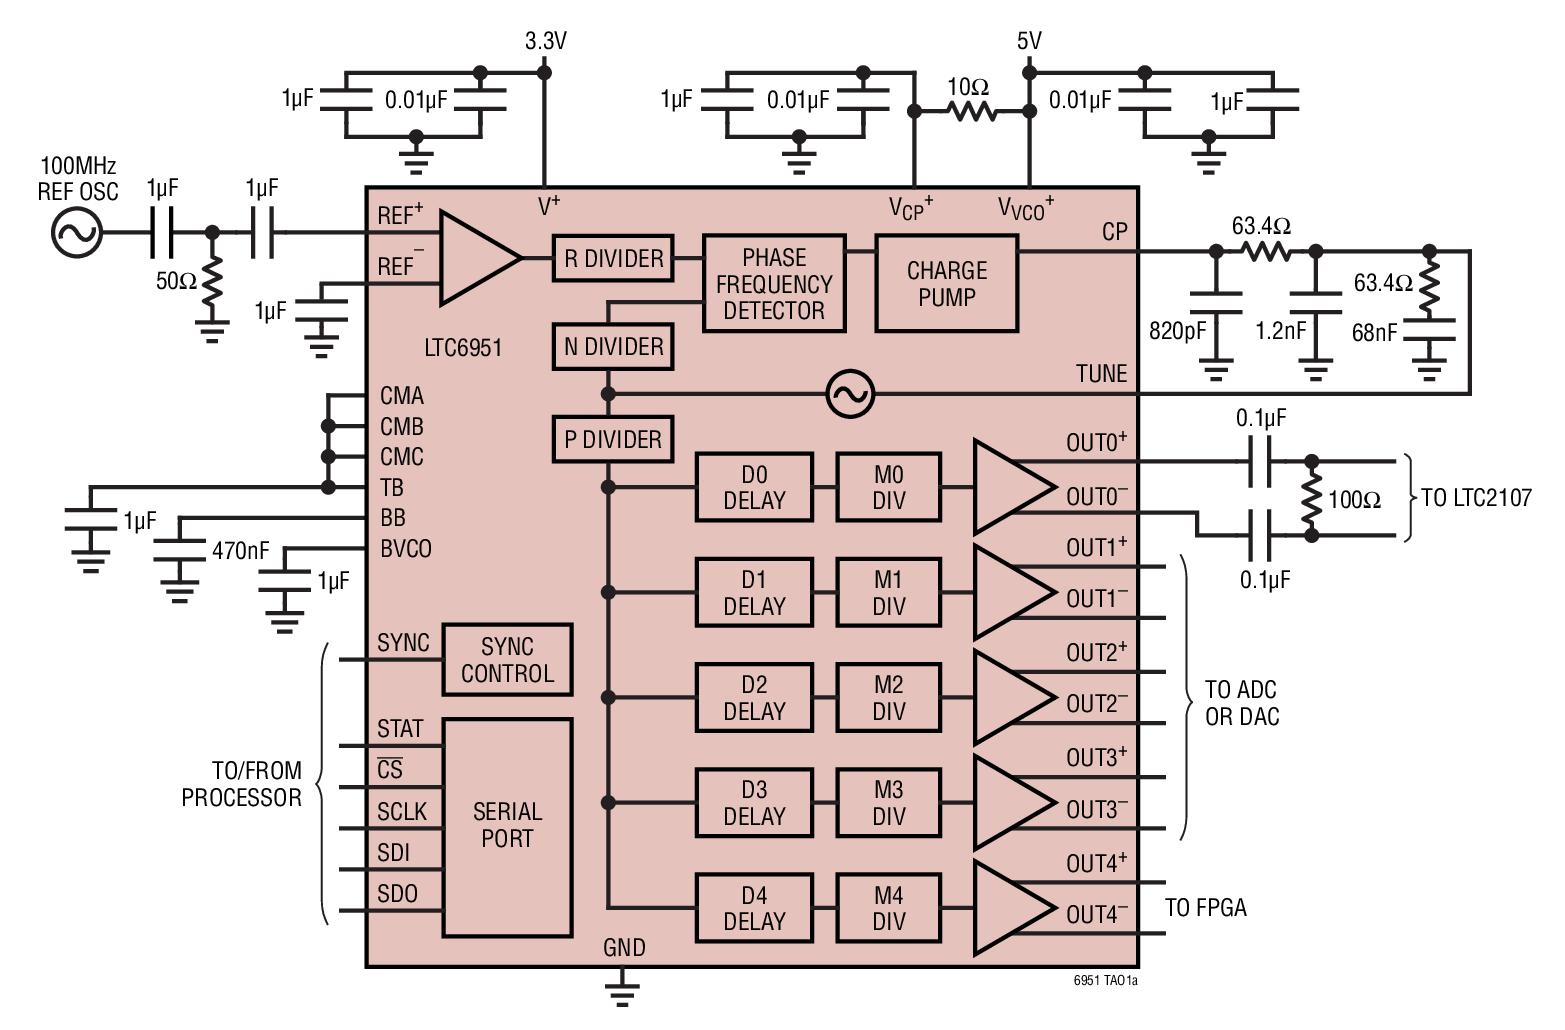 ltc6951iuhf-1-集成电路-51电子网